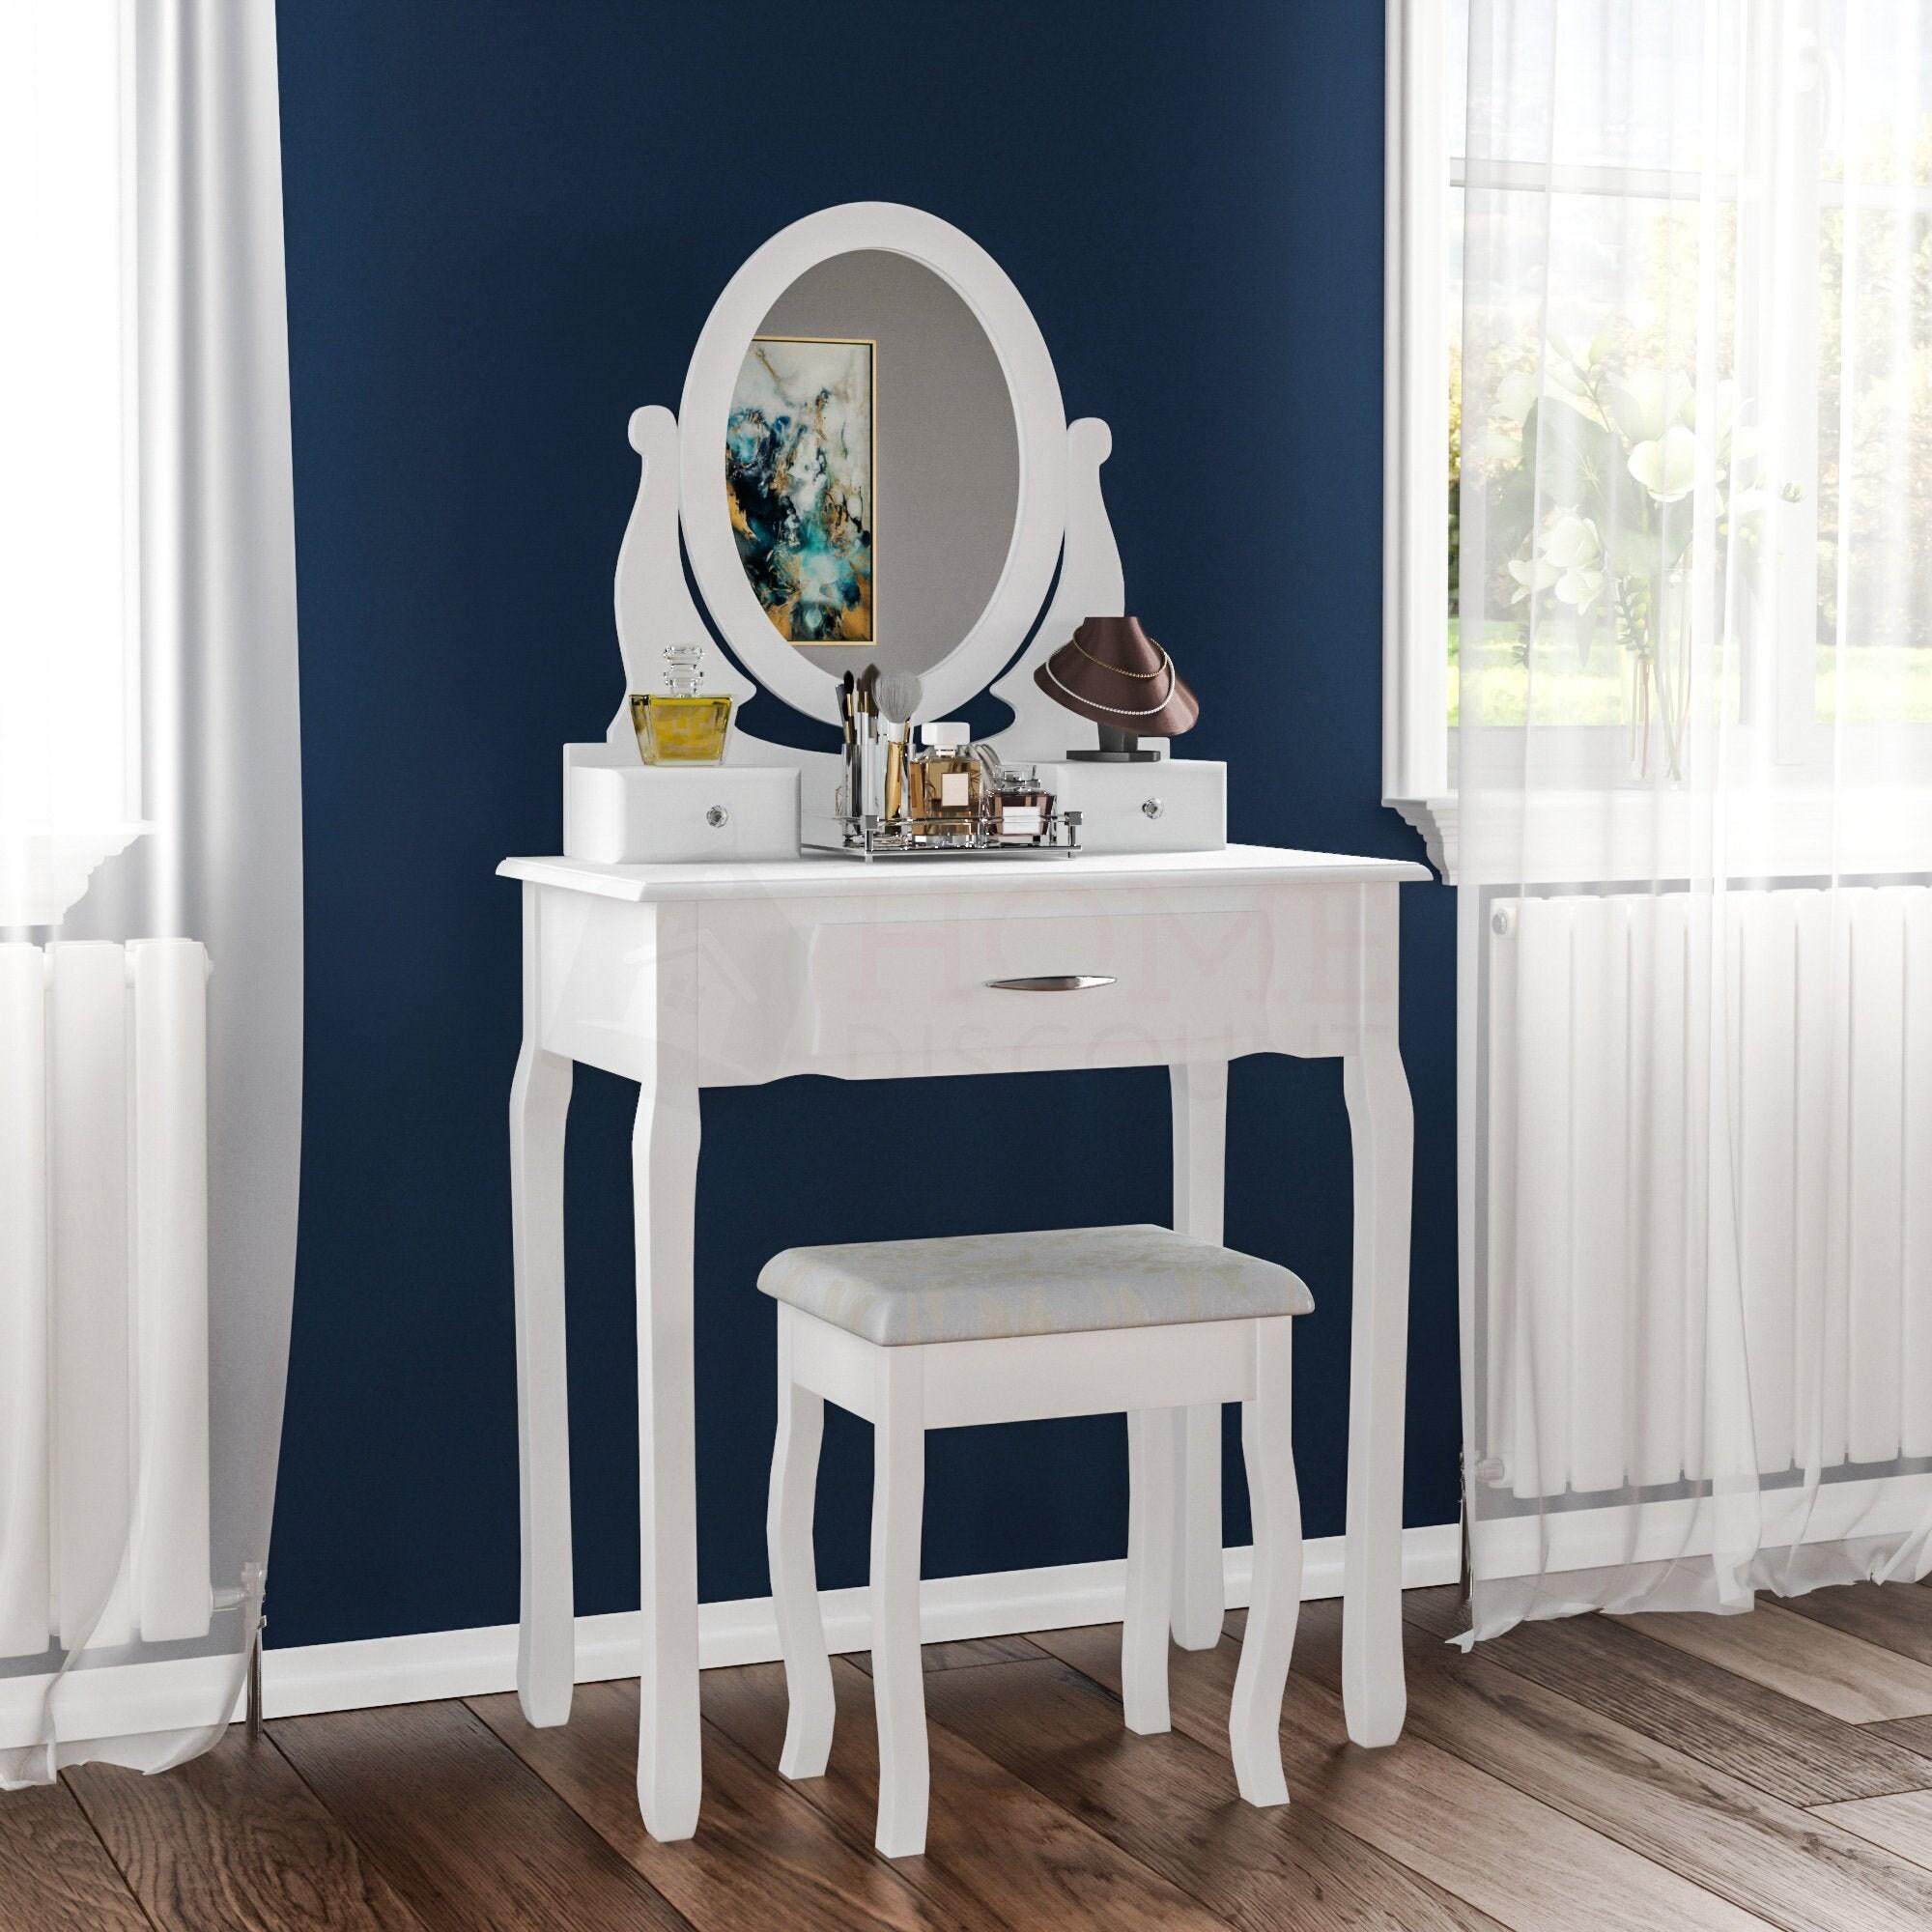 Nishano 3 Schublade Dressing Tisch Schublade Hocker verstellbarspiegel Schlafzimmer Makeup Eitelkeit Schreibtisch wei